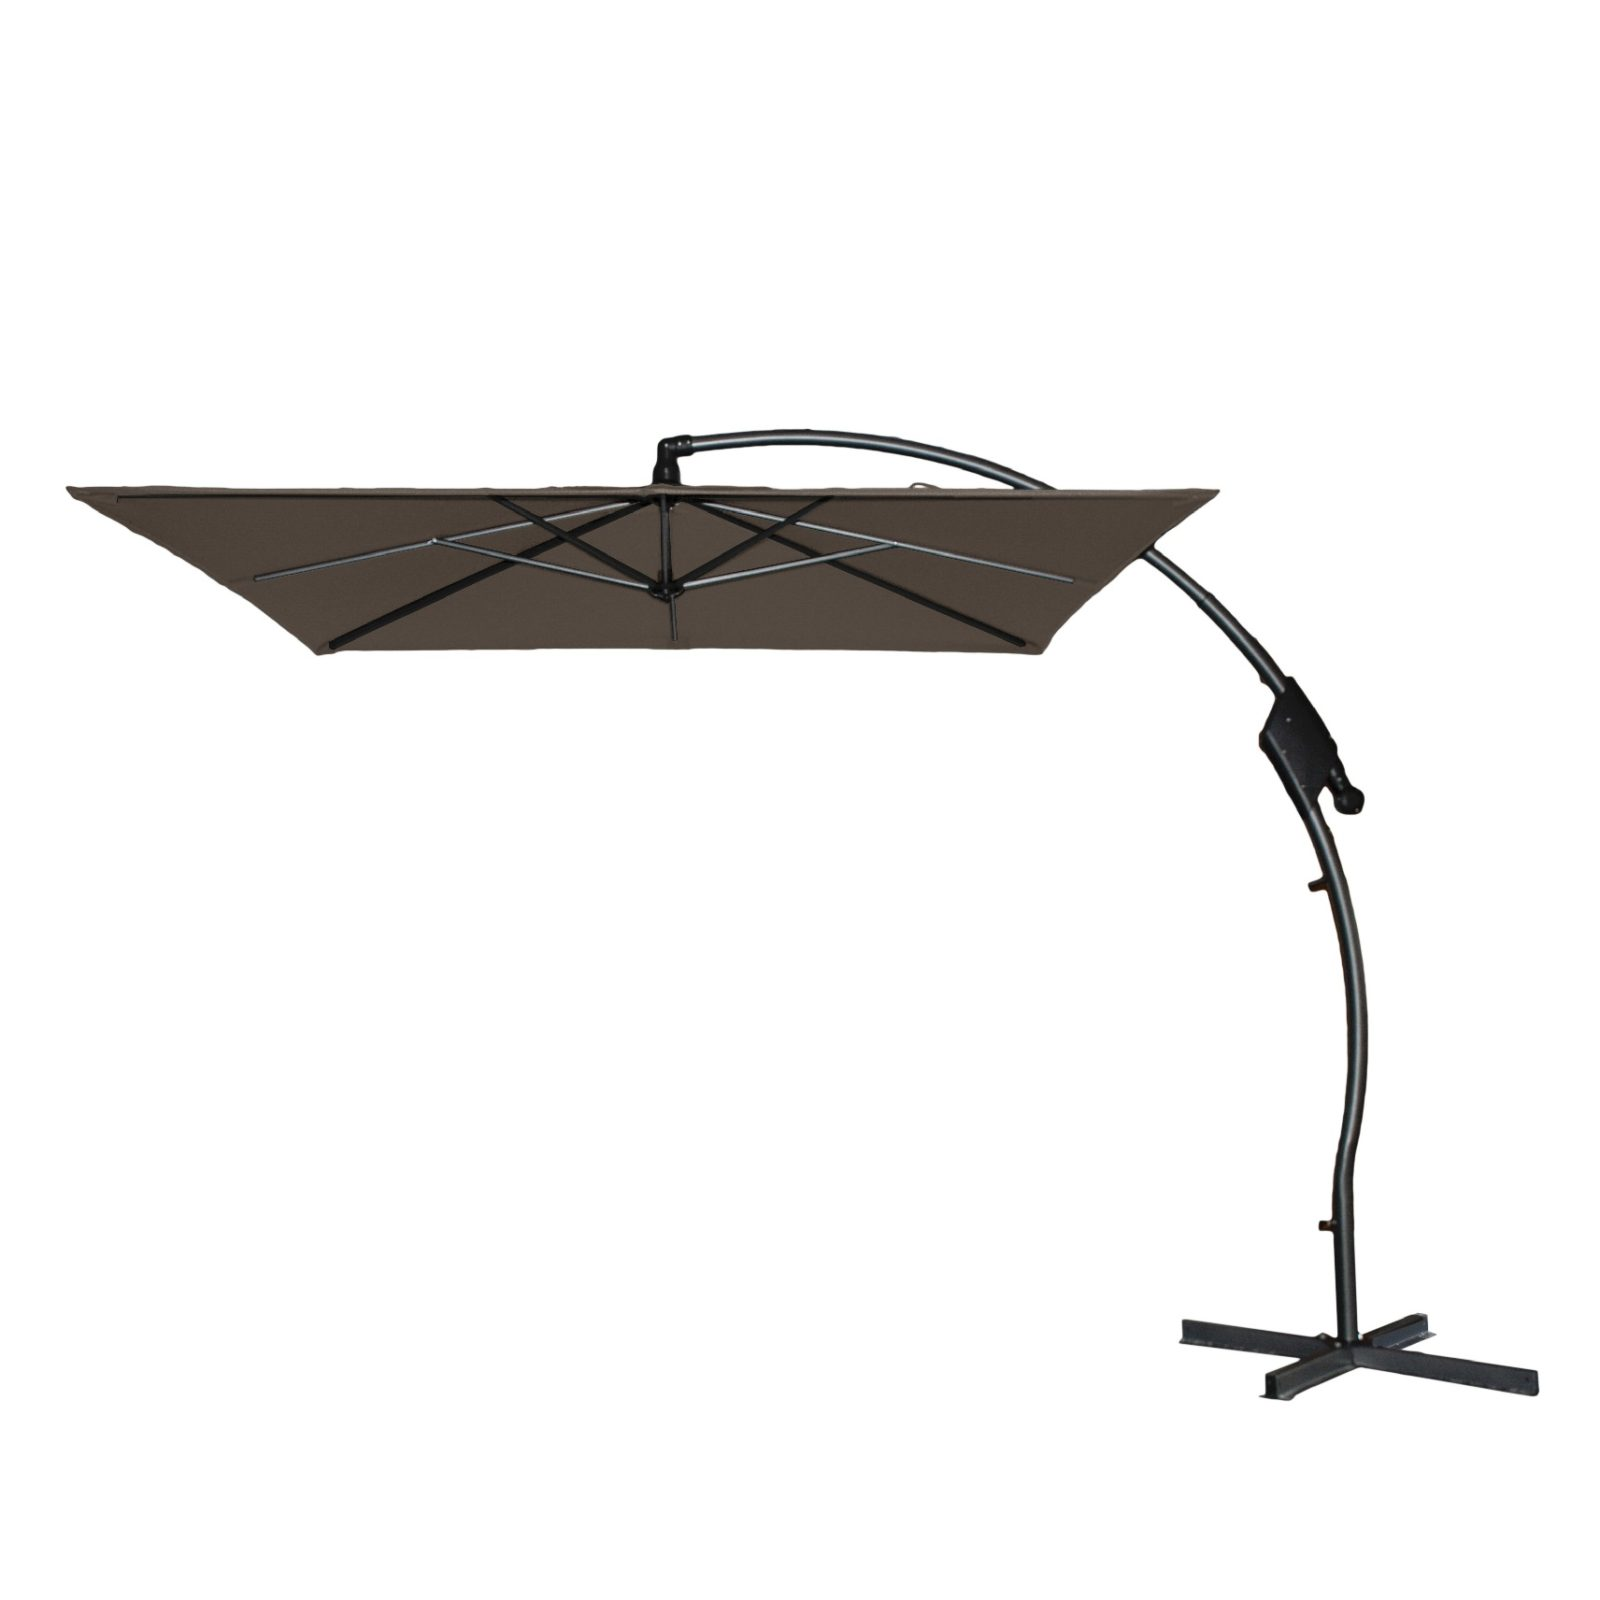 Hartman Tenero parasol 250x250 cm, taupe dug, UPF50+